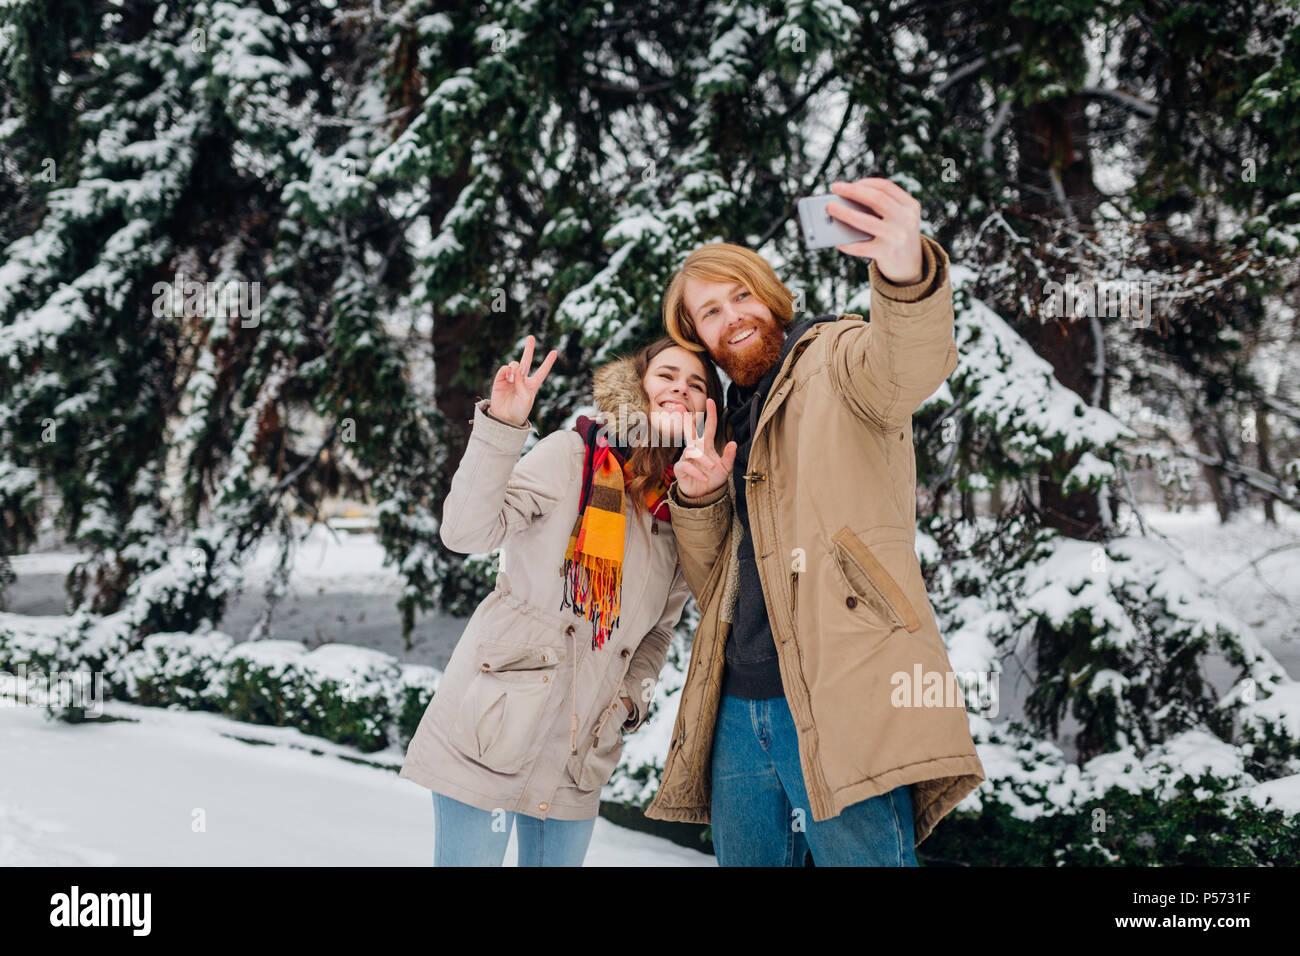 Coppia giovane in amore fare una foto di loro stessi sul telefono cellulare. La mostra il gesto di due pollici in su. Il ragazzo smartphone tiene in mano allungato e rende self Immagini Stock